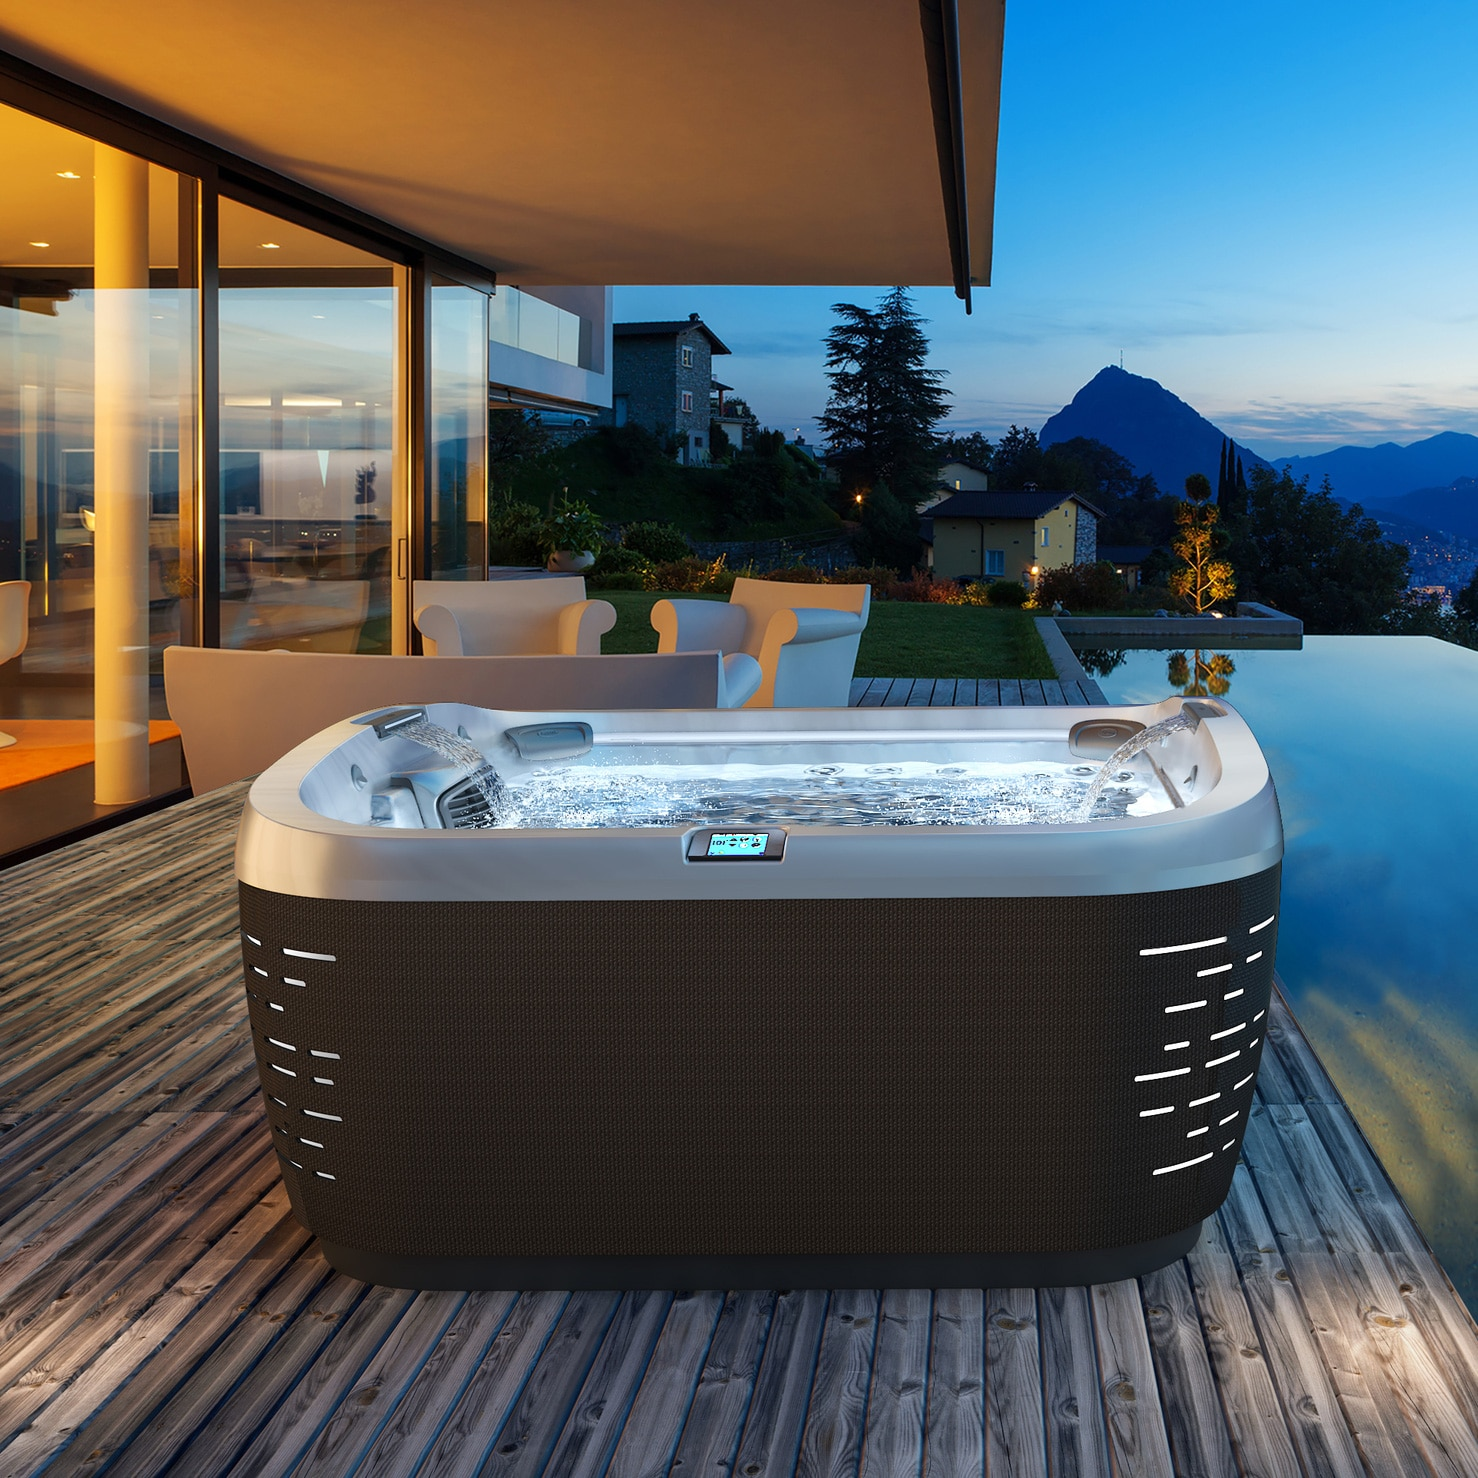 J-585 hot tub